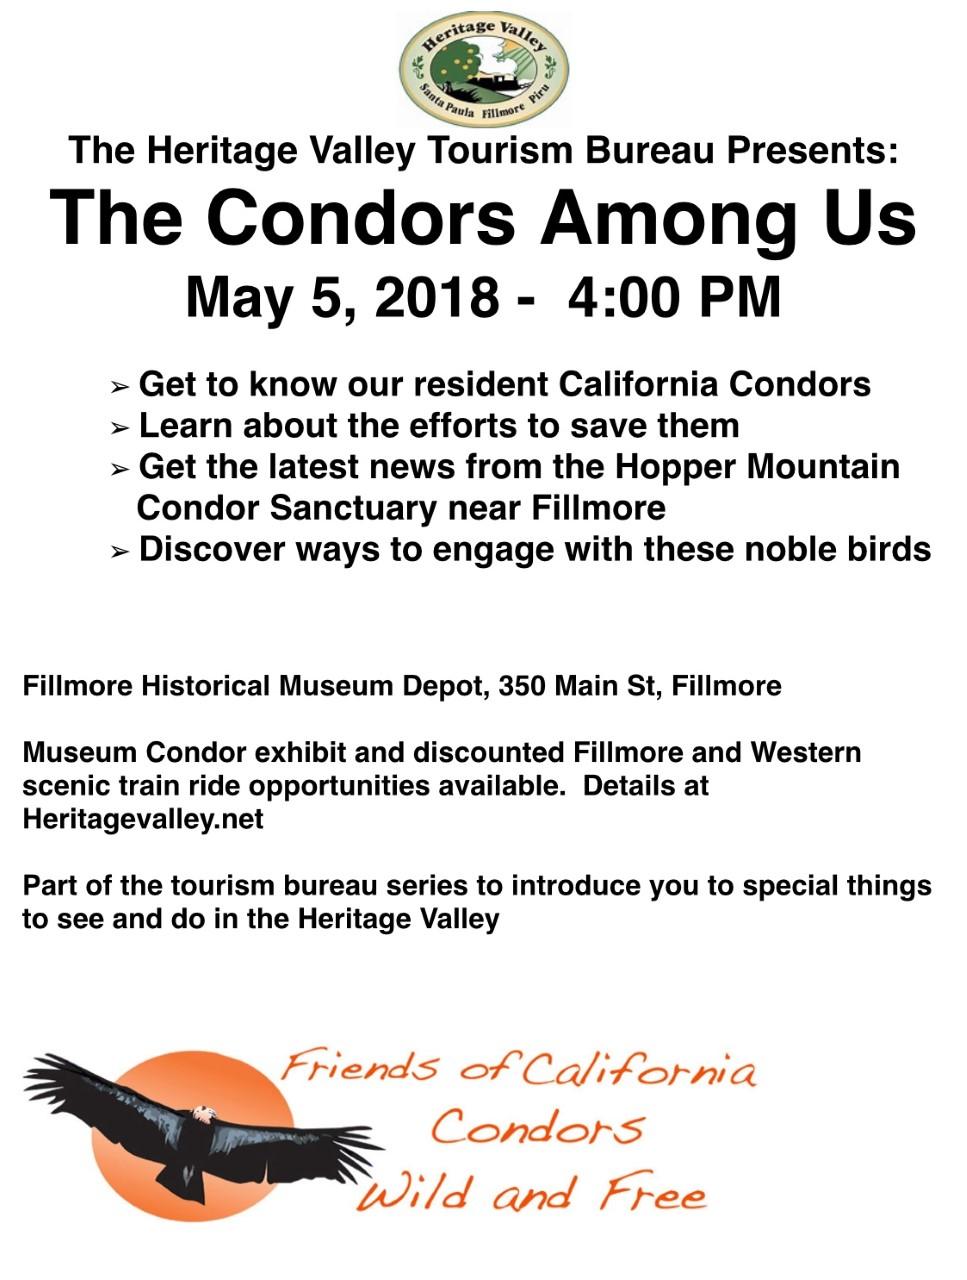 The Condors Among Us May 5, 2018.jpg